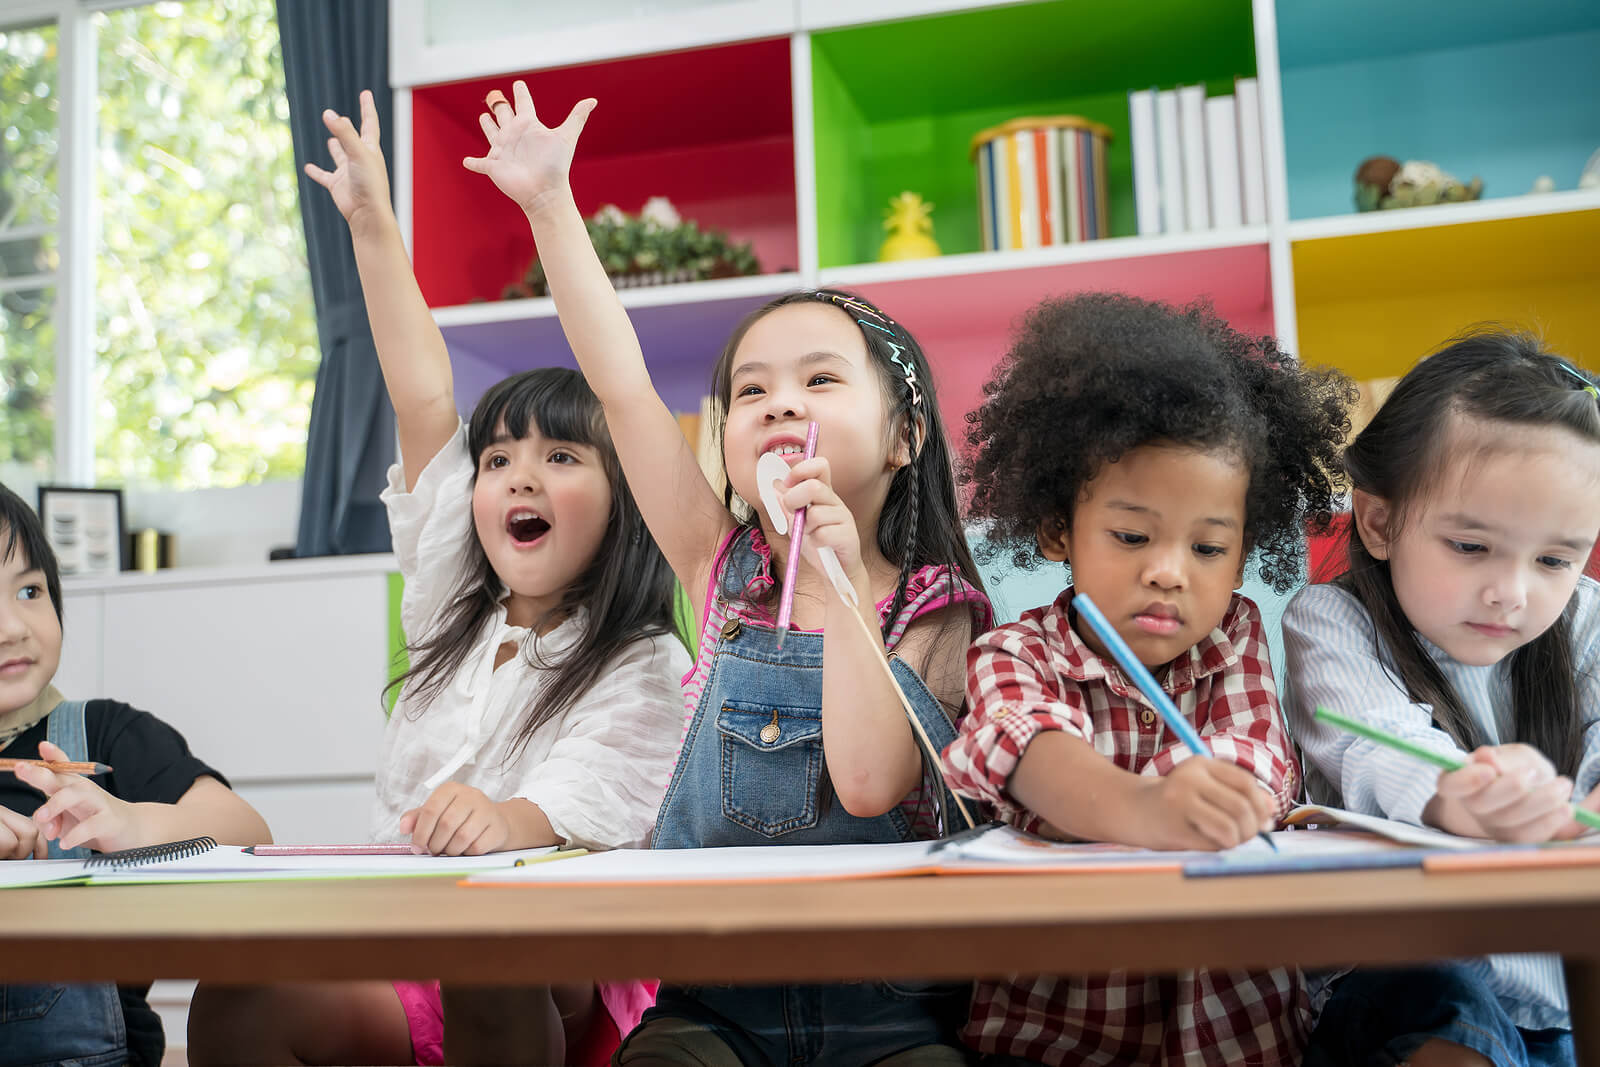 Niño en clase aprendiendo mediante diferentes método de educación alternativos al habitual.